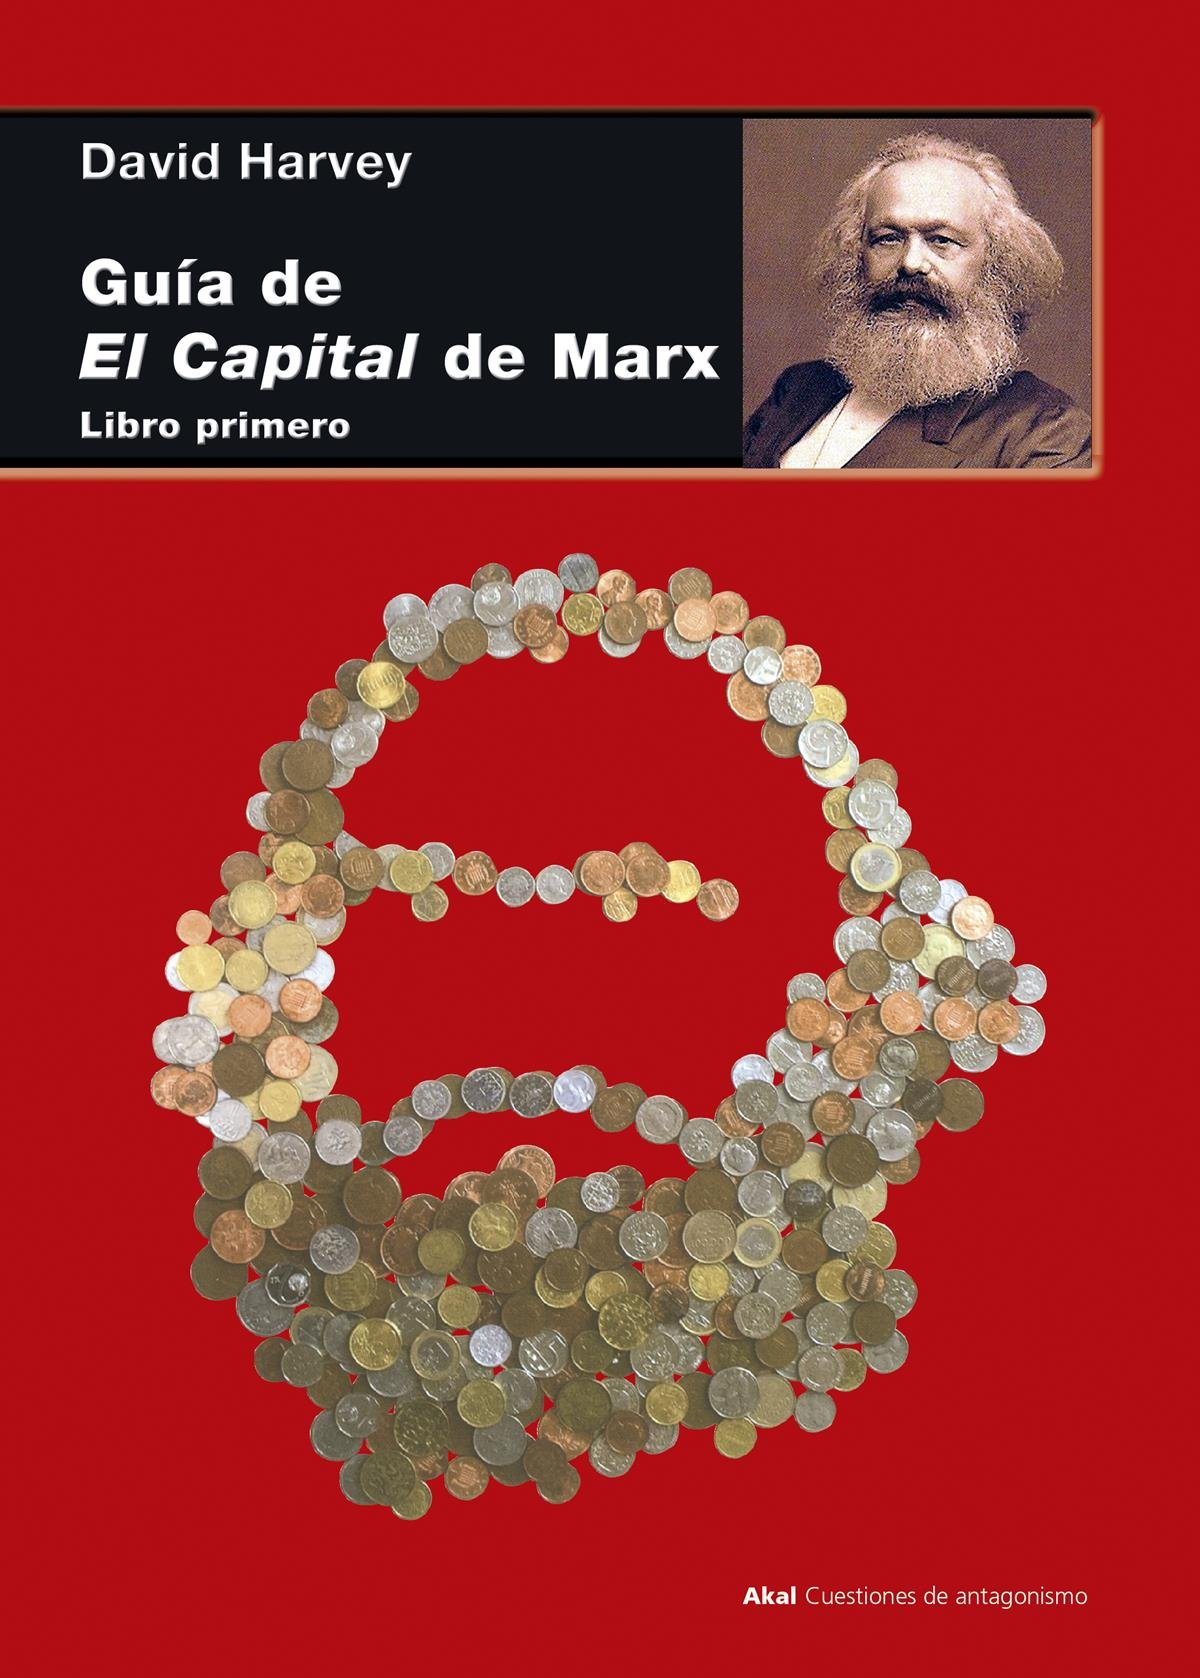 Guía de El Capital de Marx: Libro primero (Spanish Edition) (Spanish)  Paperback – March 24, 2014